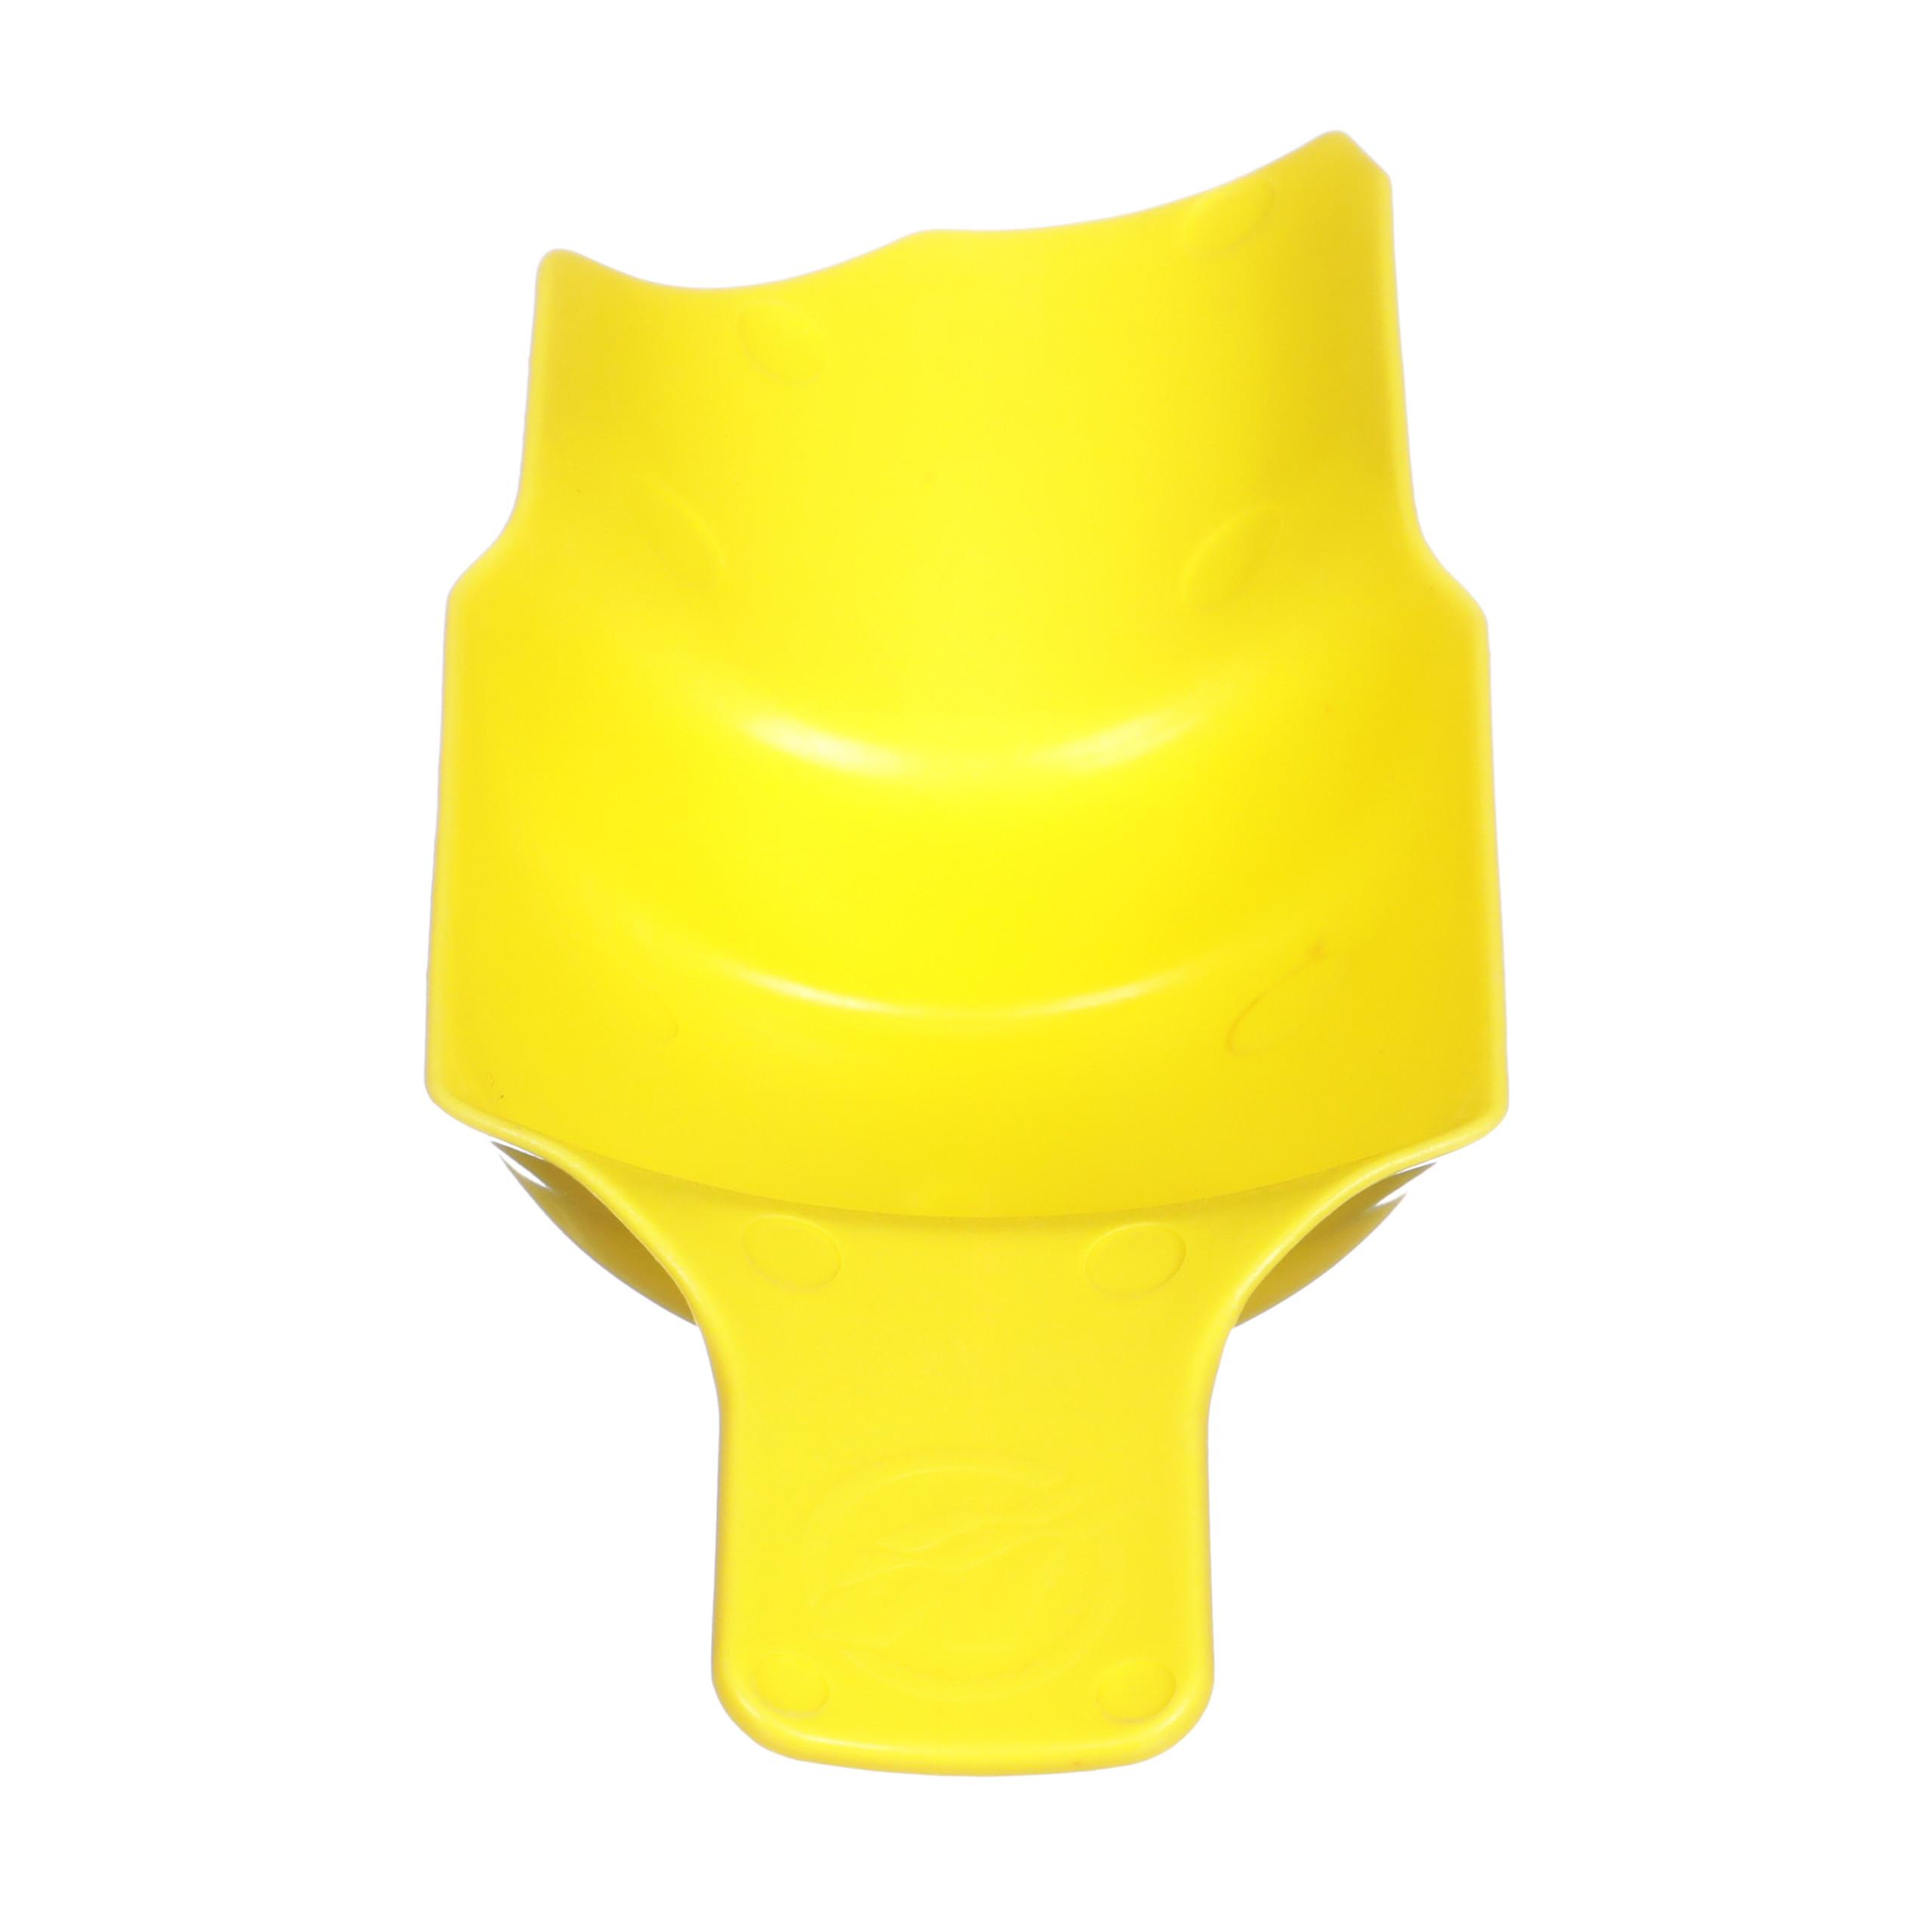 Quicksilver Oil Drain Drip Tray Boat Boat Oil Drain Drip Tray 8M0052100